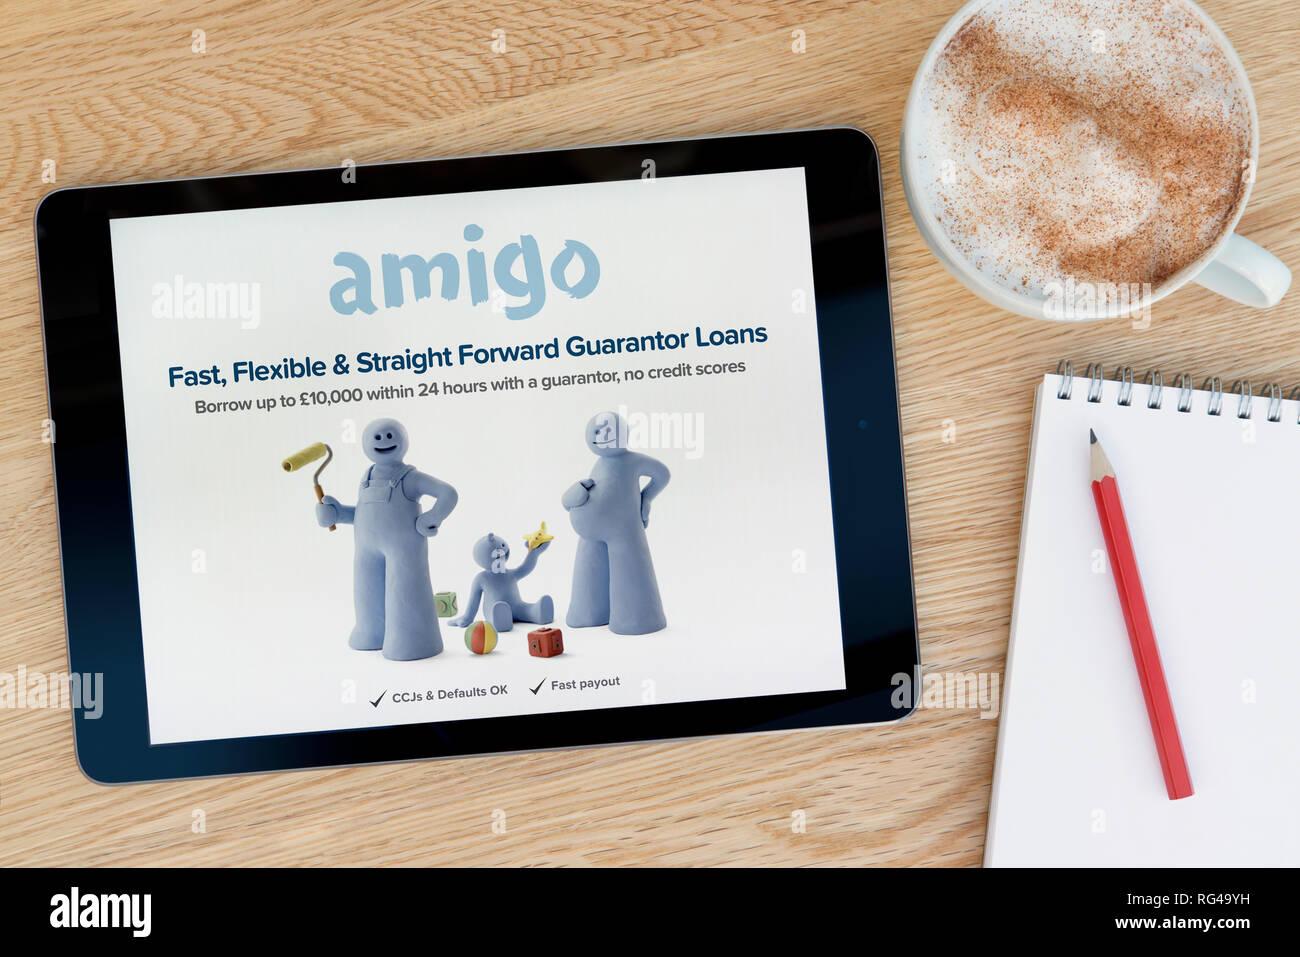 La Amigo préstamos características del sitio web en un dispositivo tablet iPad que descansa sobre una mesa de madera junto a un bloc de notas (sólo para uso editorial). Imagen De Stock